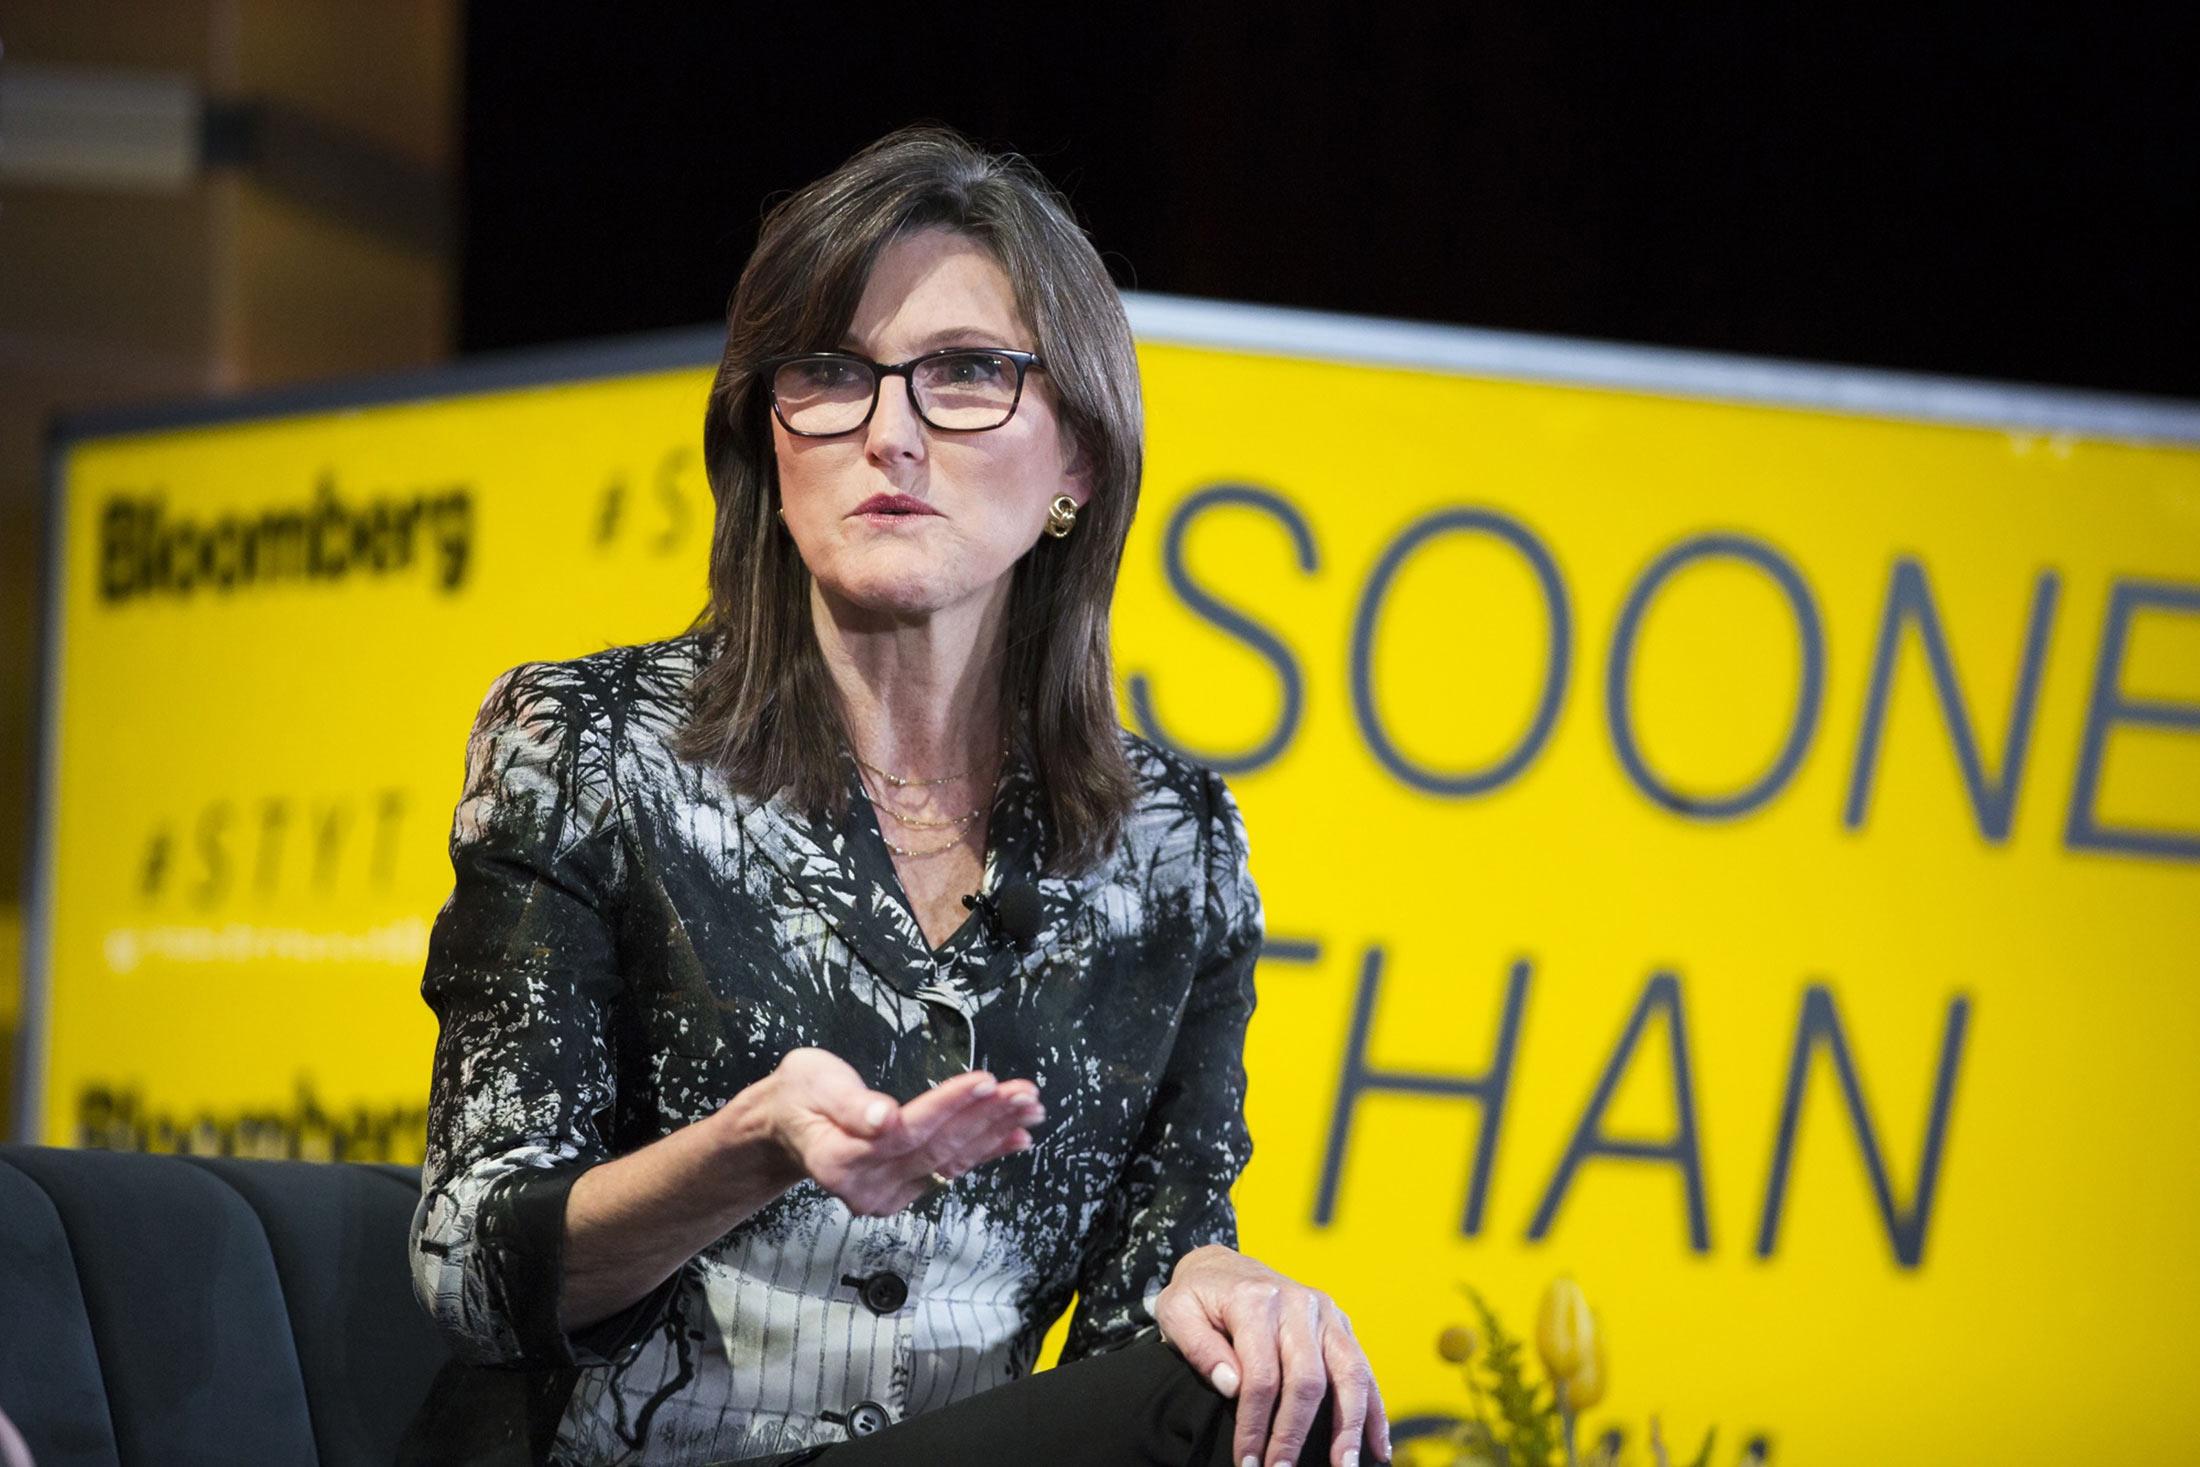 بازنگری امیدنامه سرمایهگذاری شرکت آرک باهدف ورود به صندوقهای قابل معامله کانادایی